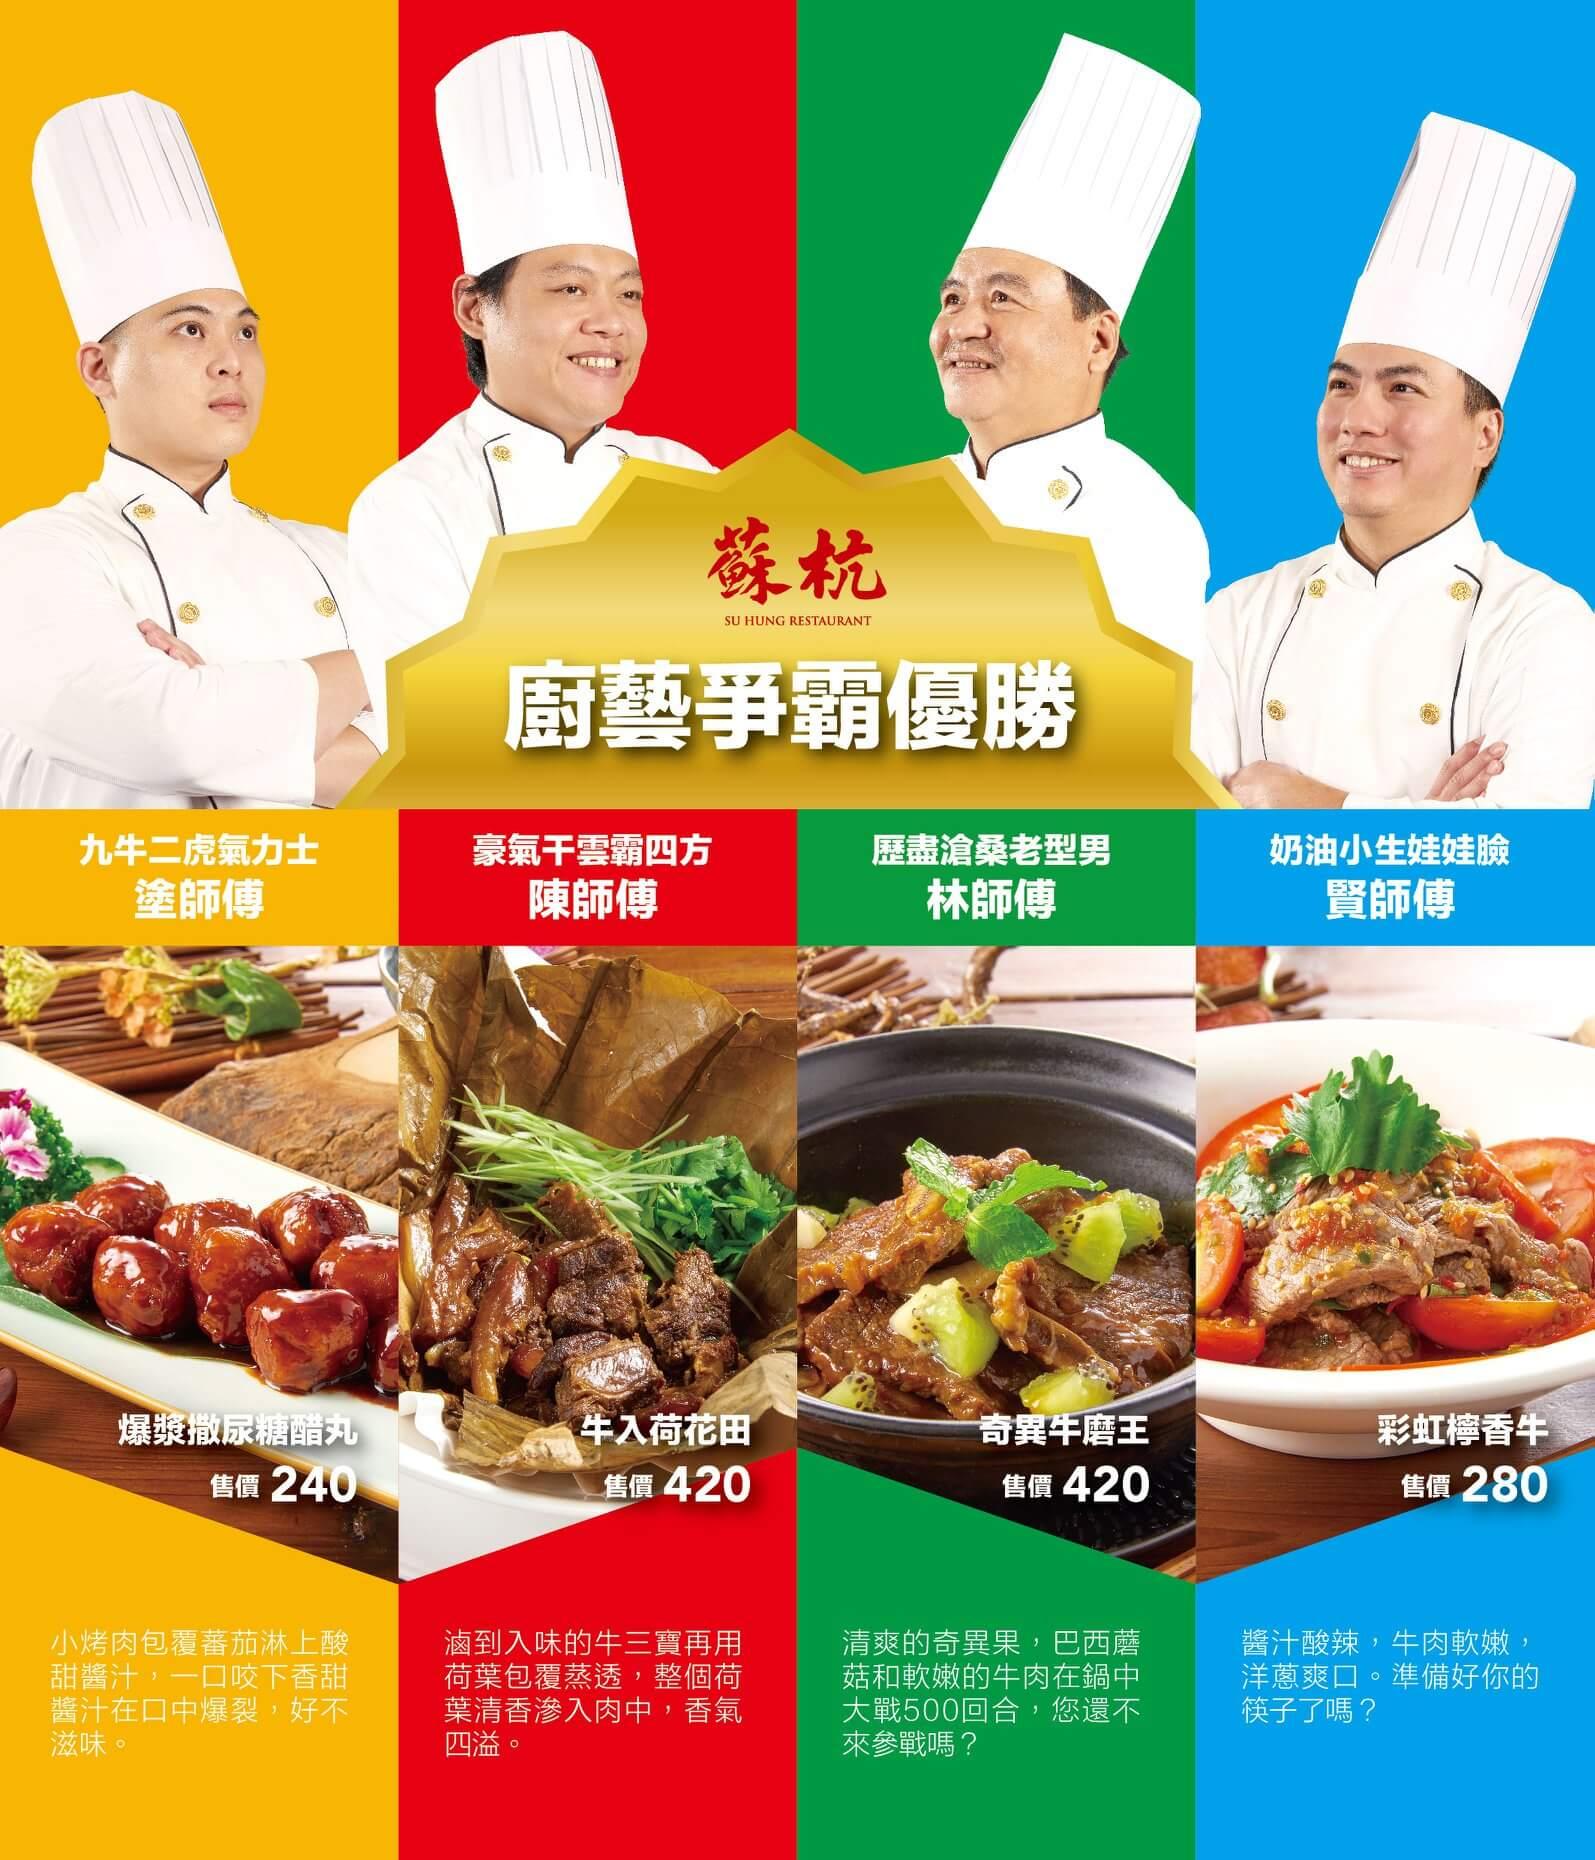 台北初二餐廳蘇杭餐廳